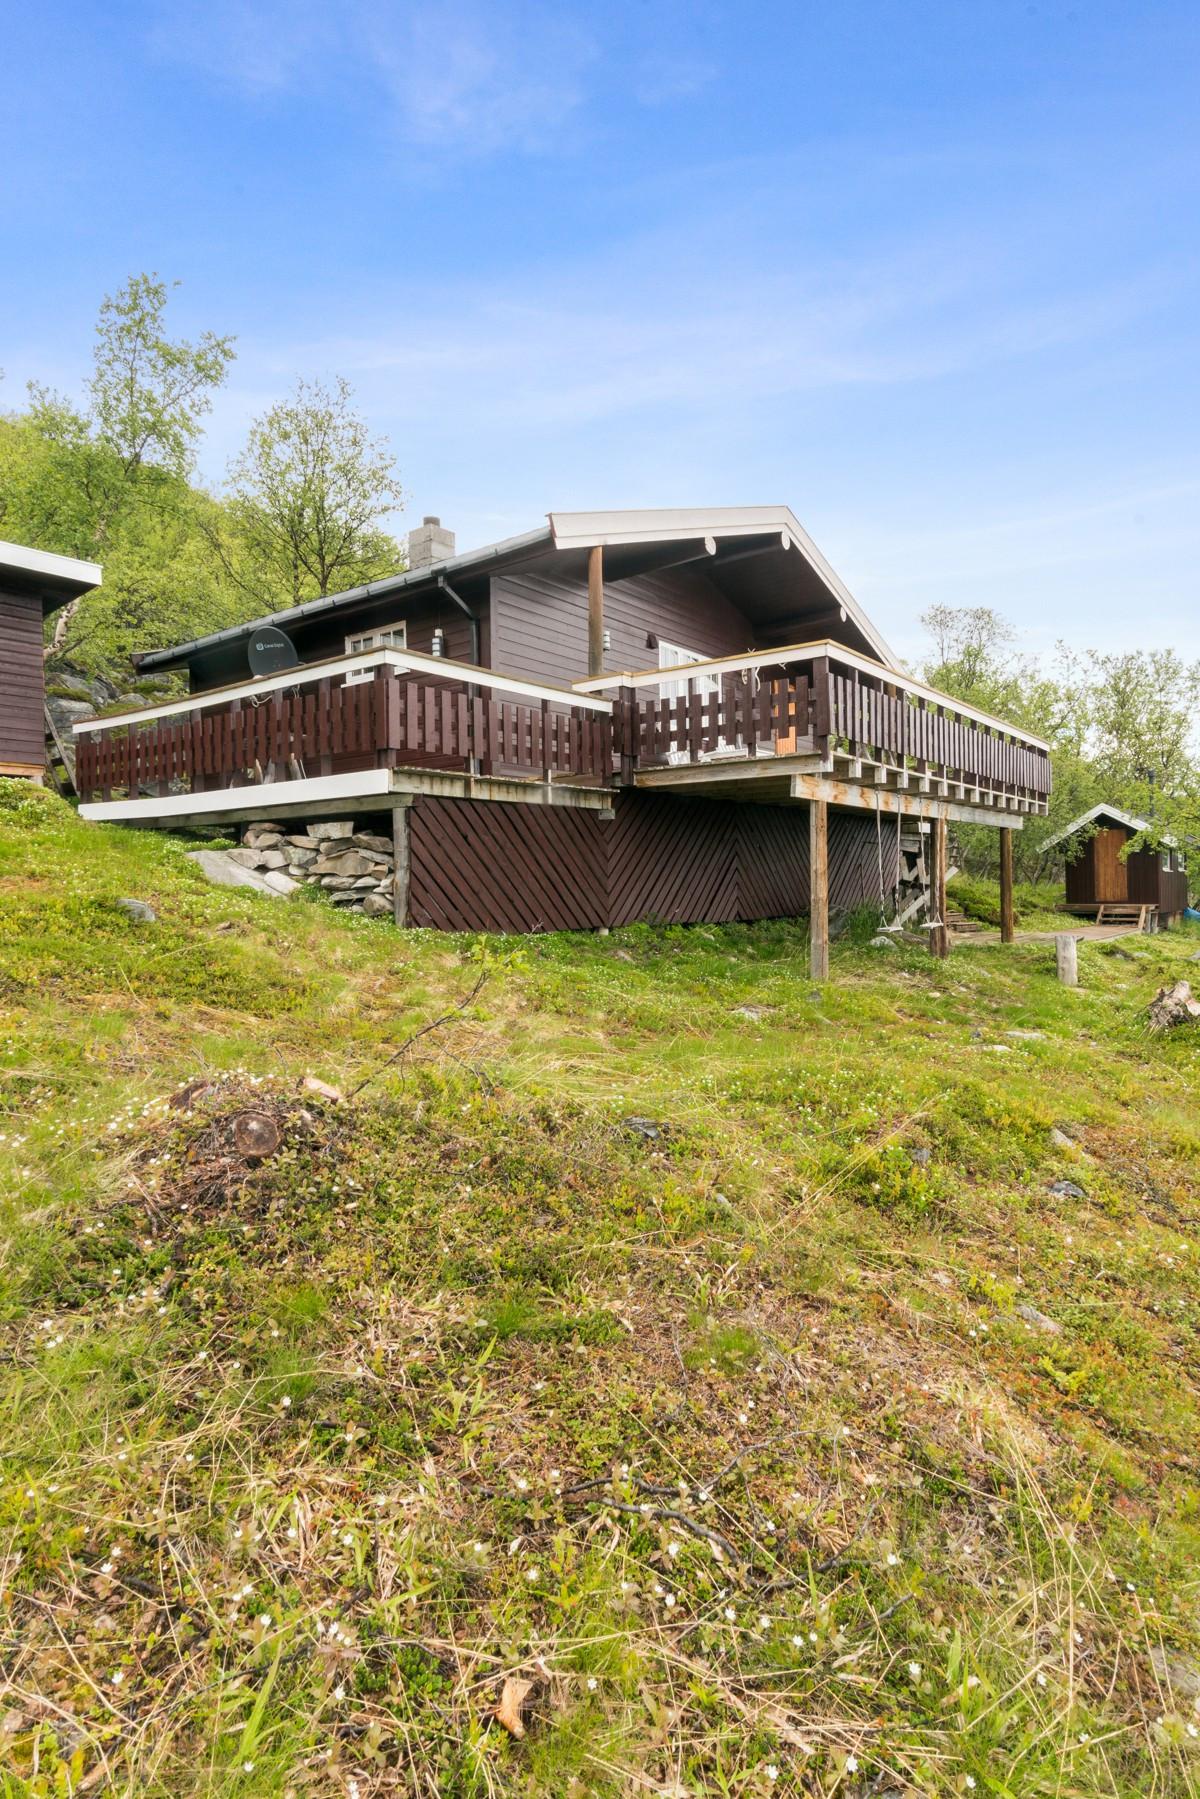 Maiken B. Paulsen v/Privatmegleren har gleden av å presentere denne flotte hytta!